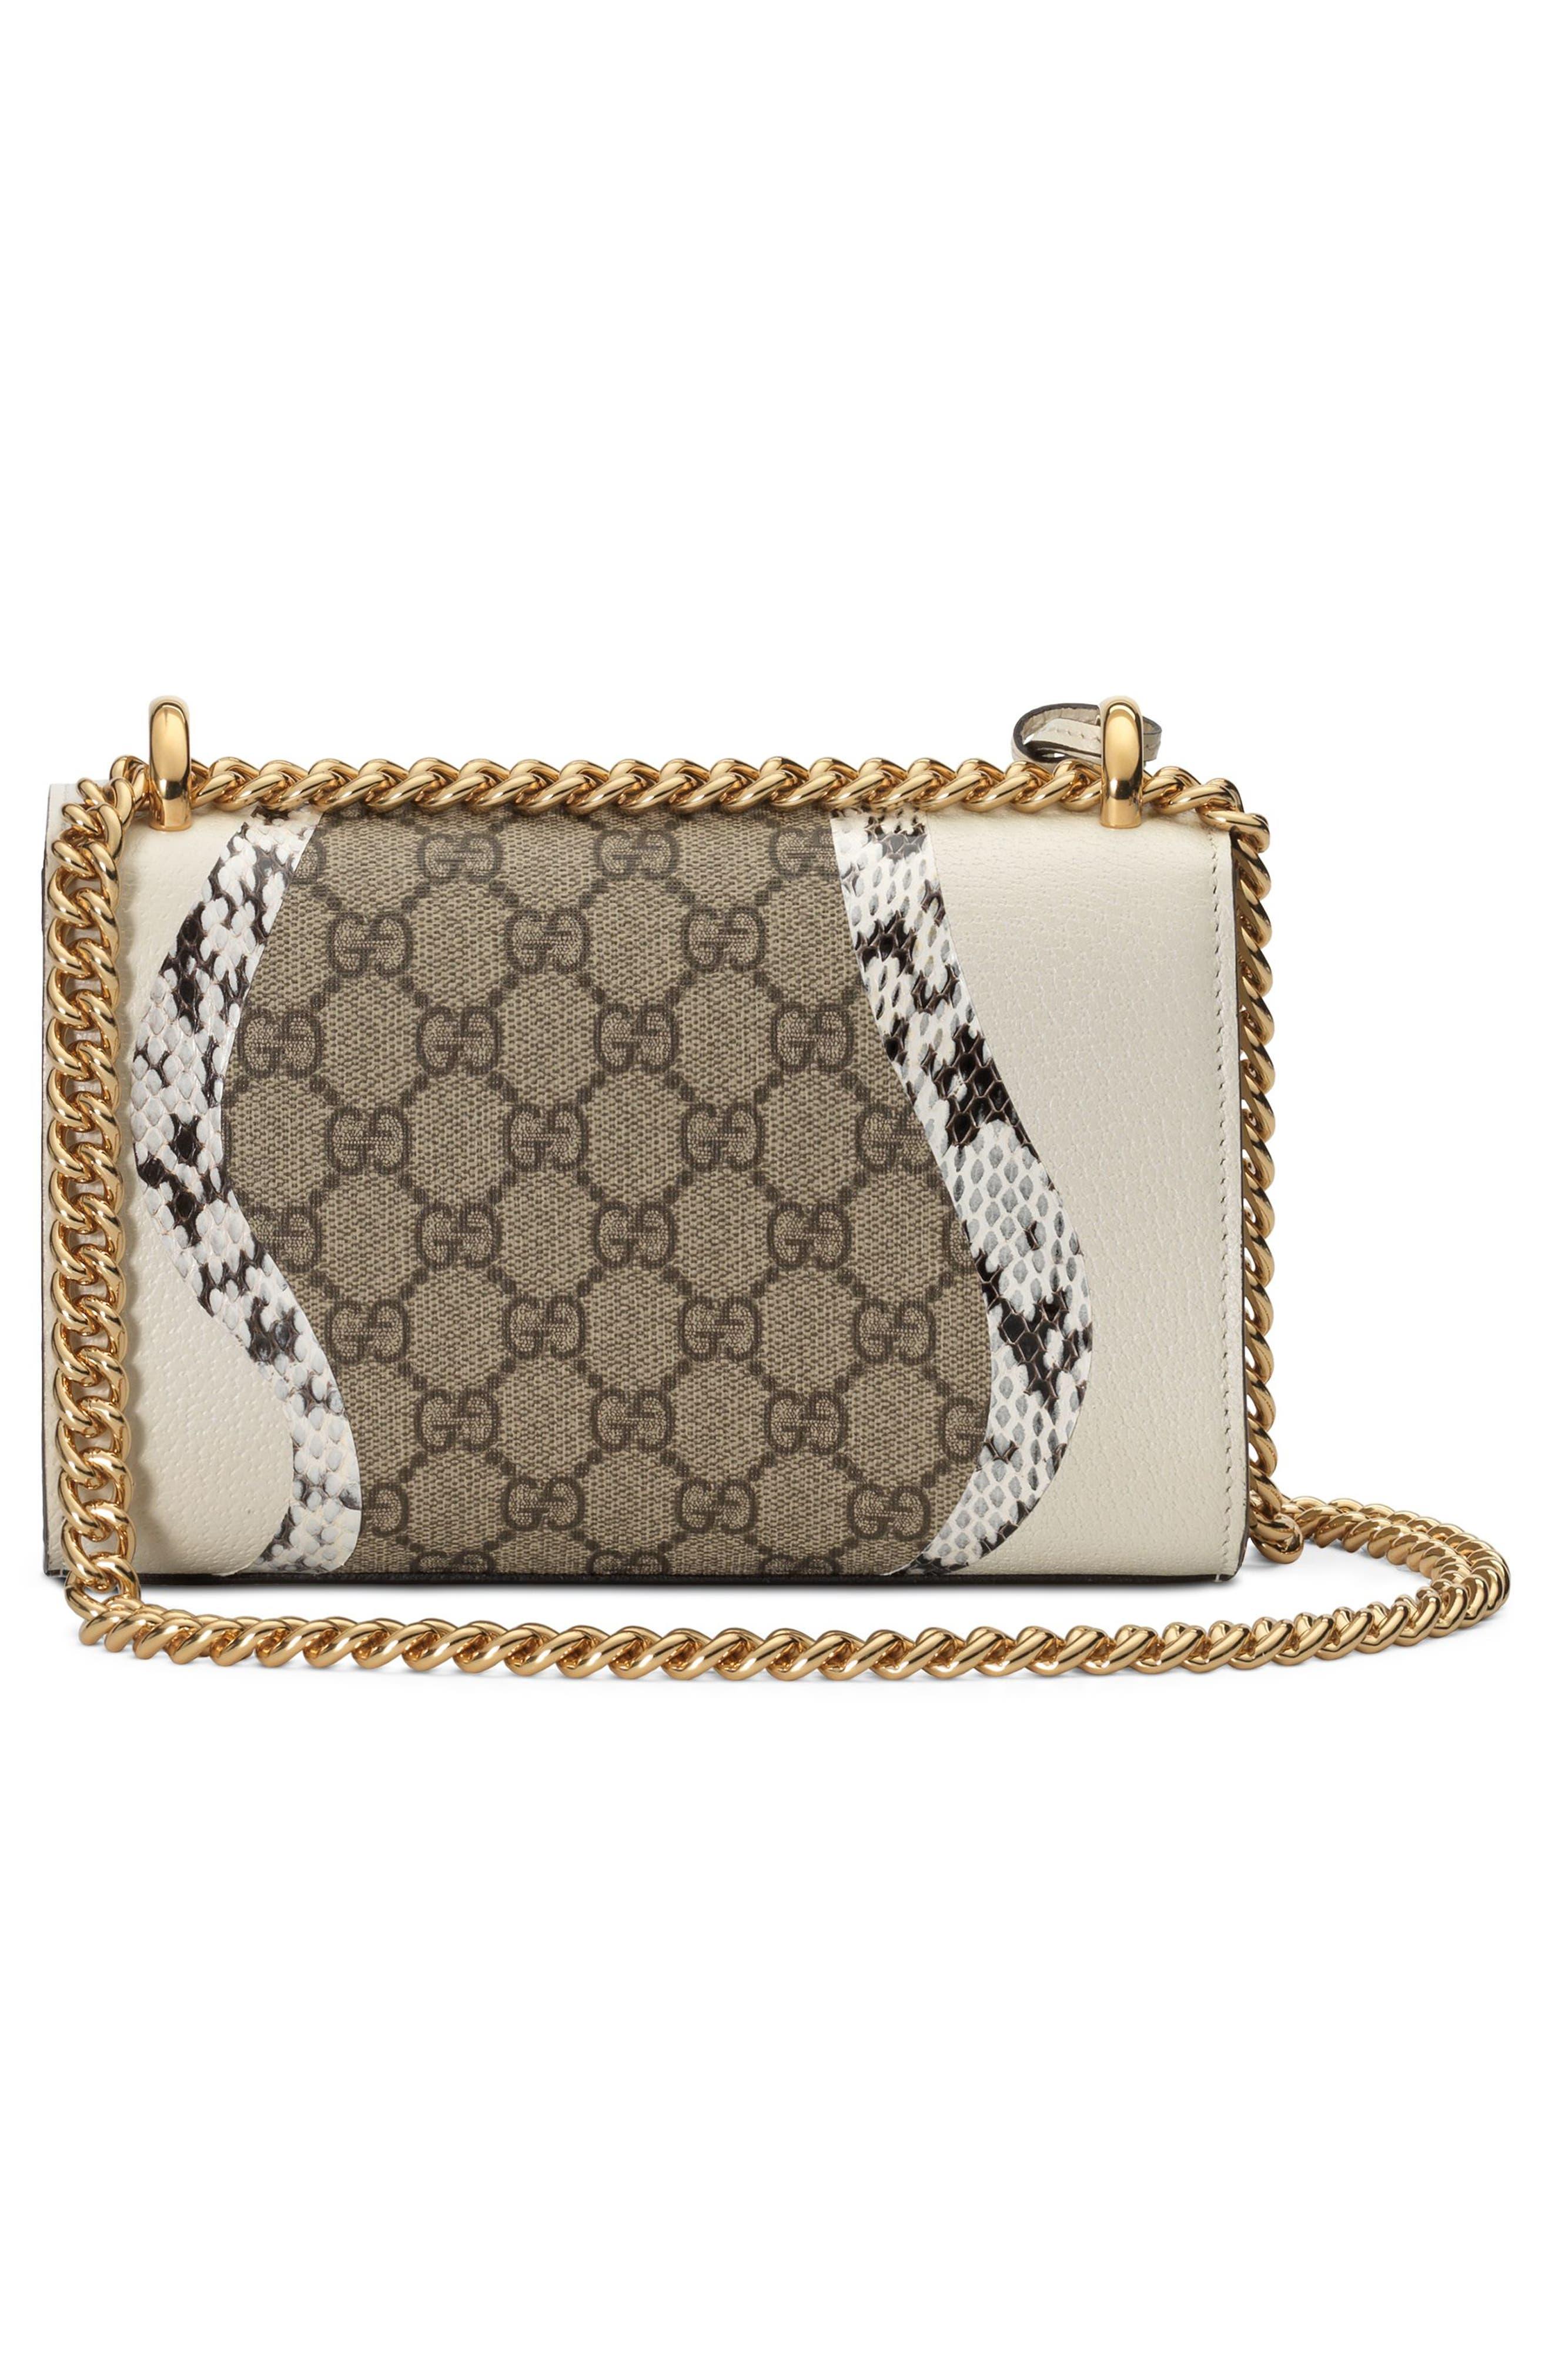 Small Padlock GG Supreme Wave Shoulder Bag with Genuine Snakeskin Trim,                             Alternate thumbnail 2, color,